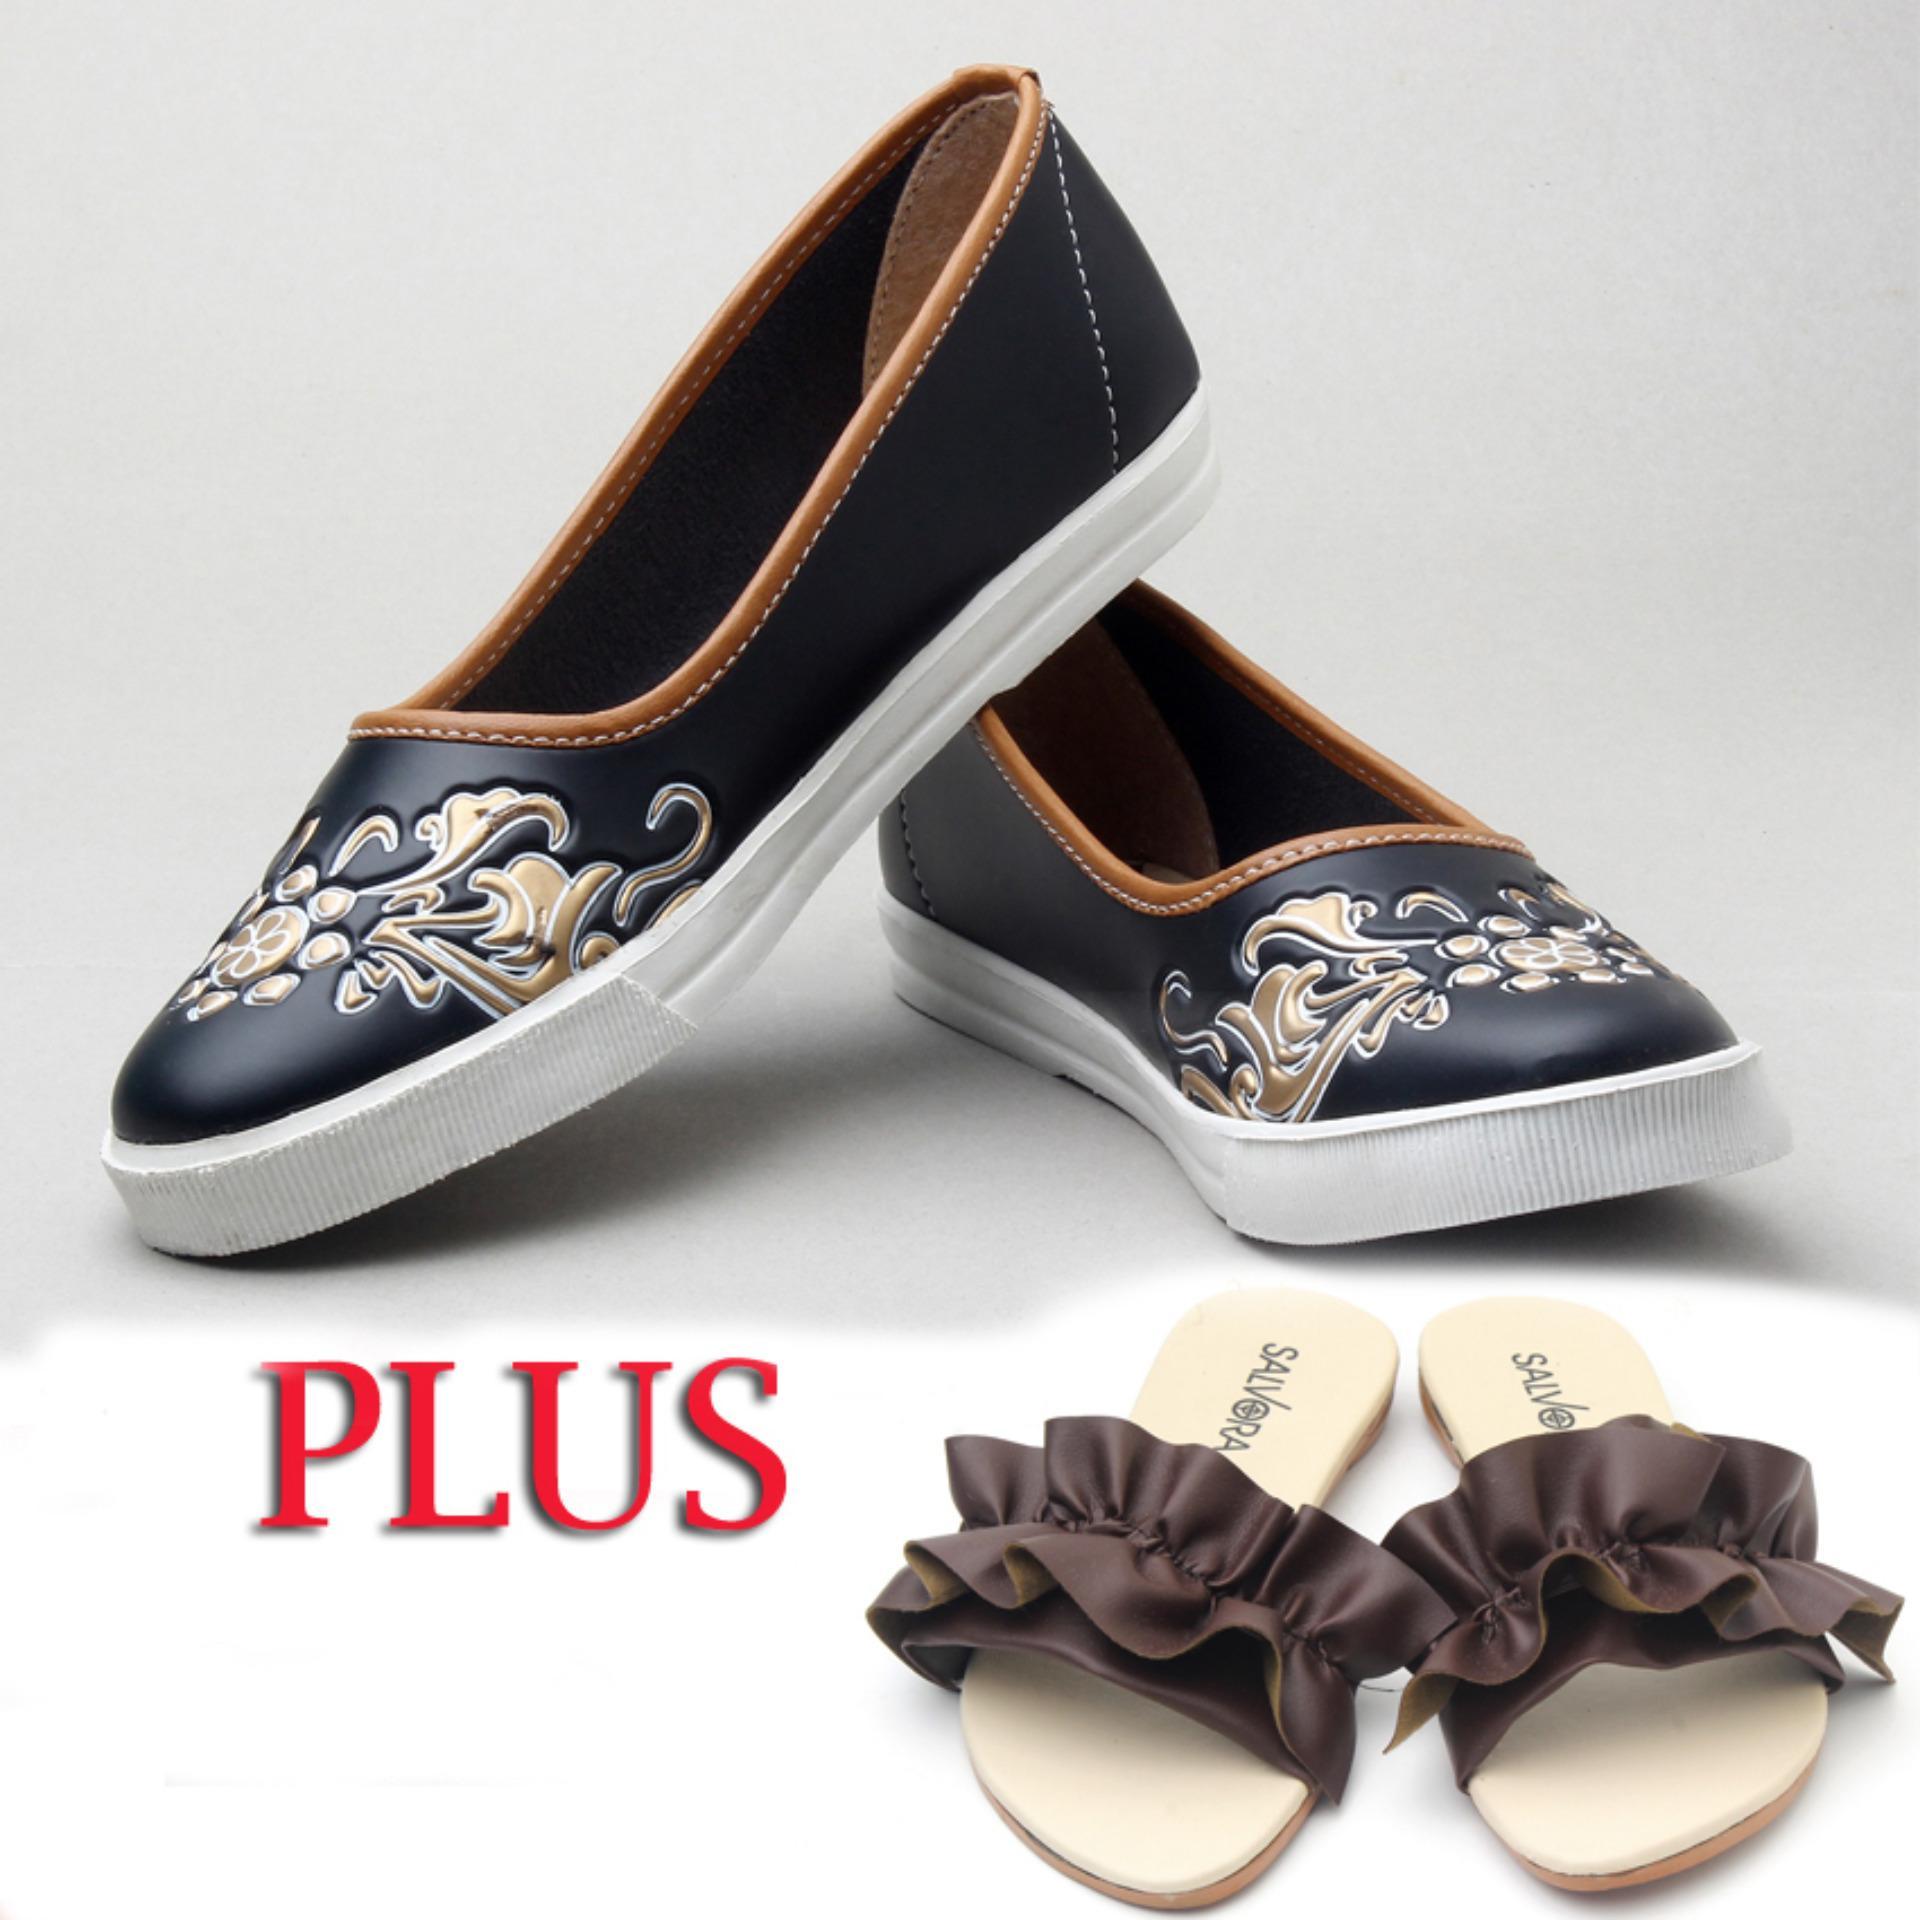 Salvora sepatu wanita / sepatu wanita murah / sepatu wanita flat / sepatu cewek / sepatu casual wanita / sepatu kasual wanita / sepatu wanita model terbaru / sepatu wanita termurah / sepatu wanita terkini MS hitam free Sandal wanita P02 moka